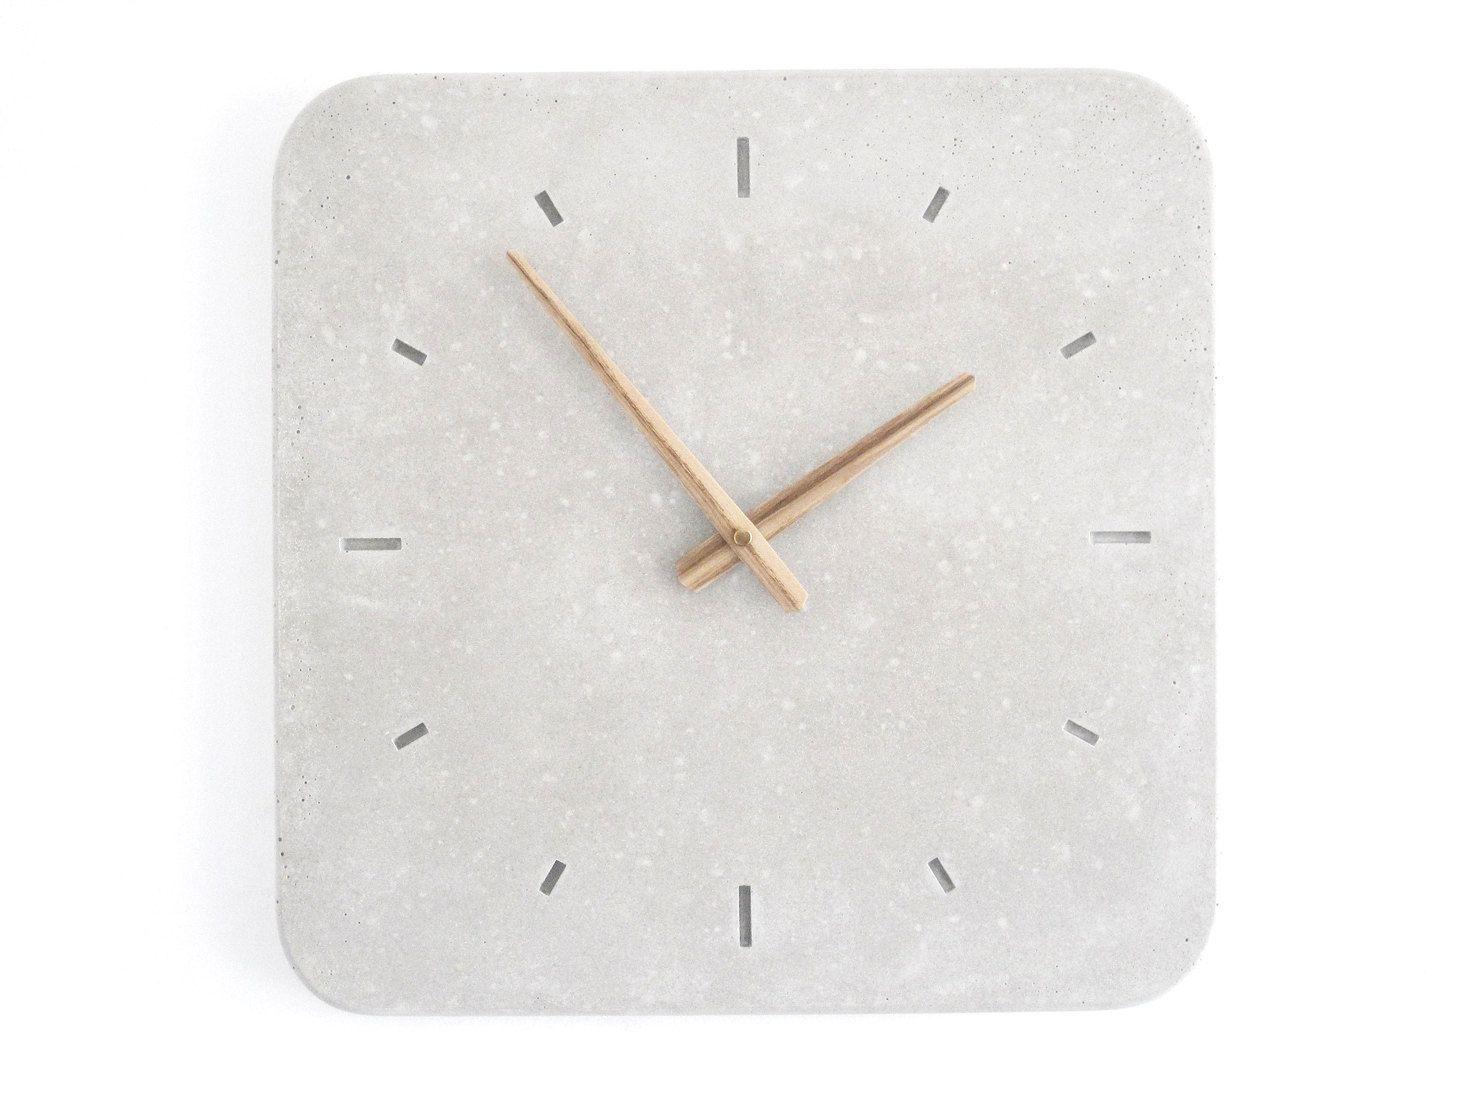 Concrete Wall Clock Wertwerke Wanduhren Wanduhr Weiss Beton Design